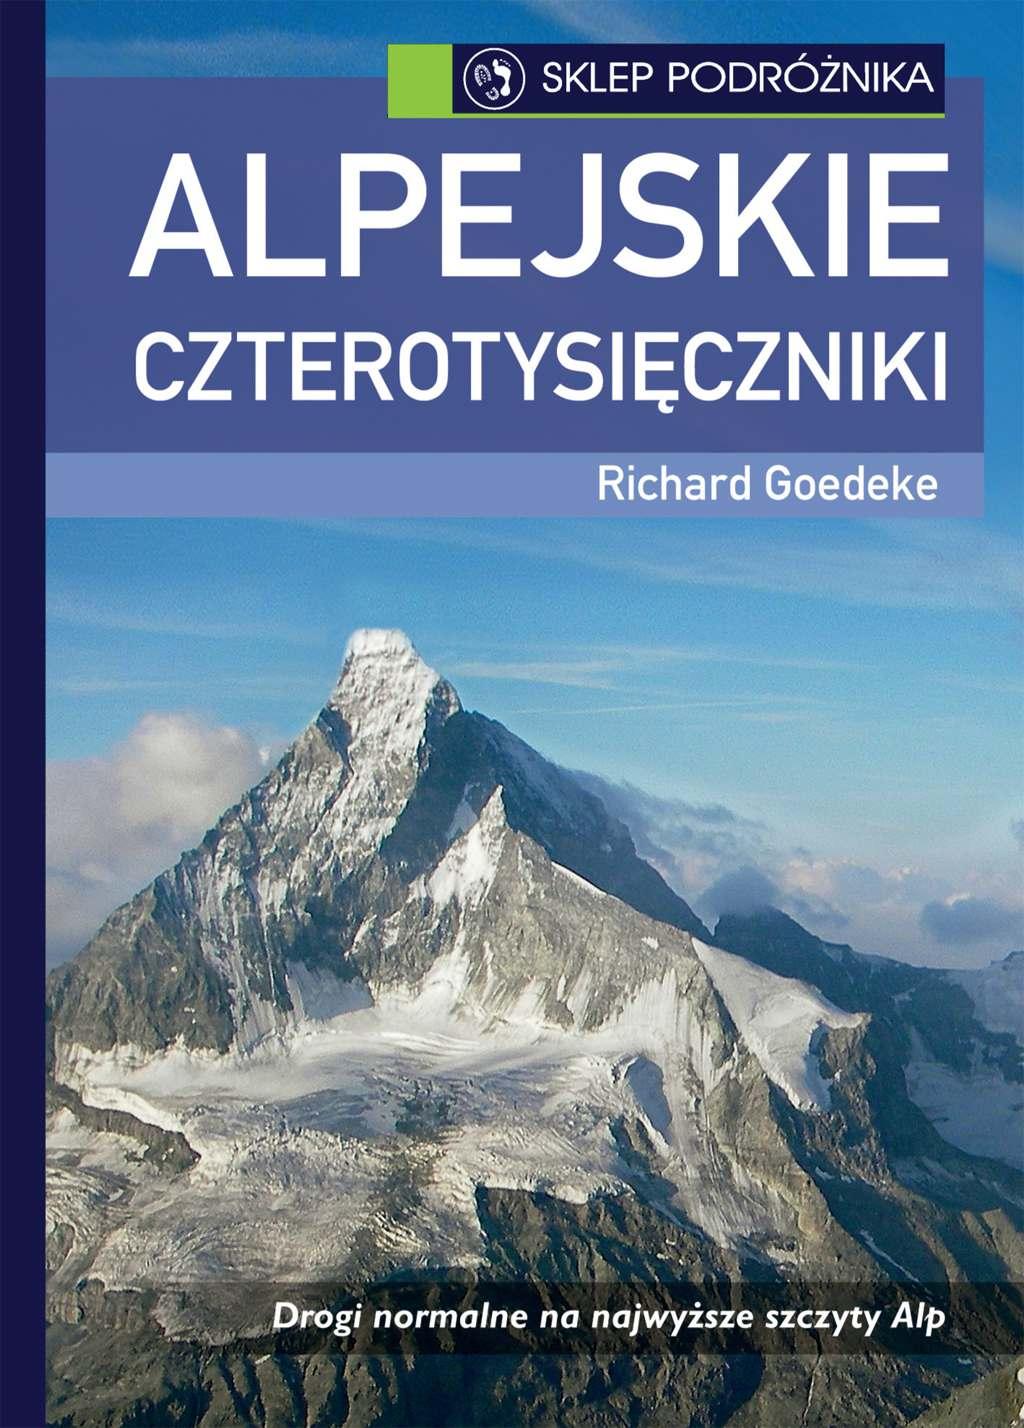 Alpejskie czterotysięczniki - Ebook (Książka EPUB) do pobrania w formacie EPUB